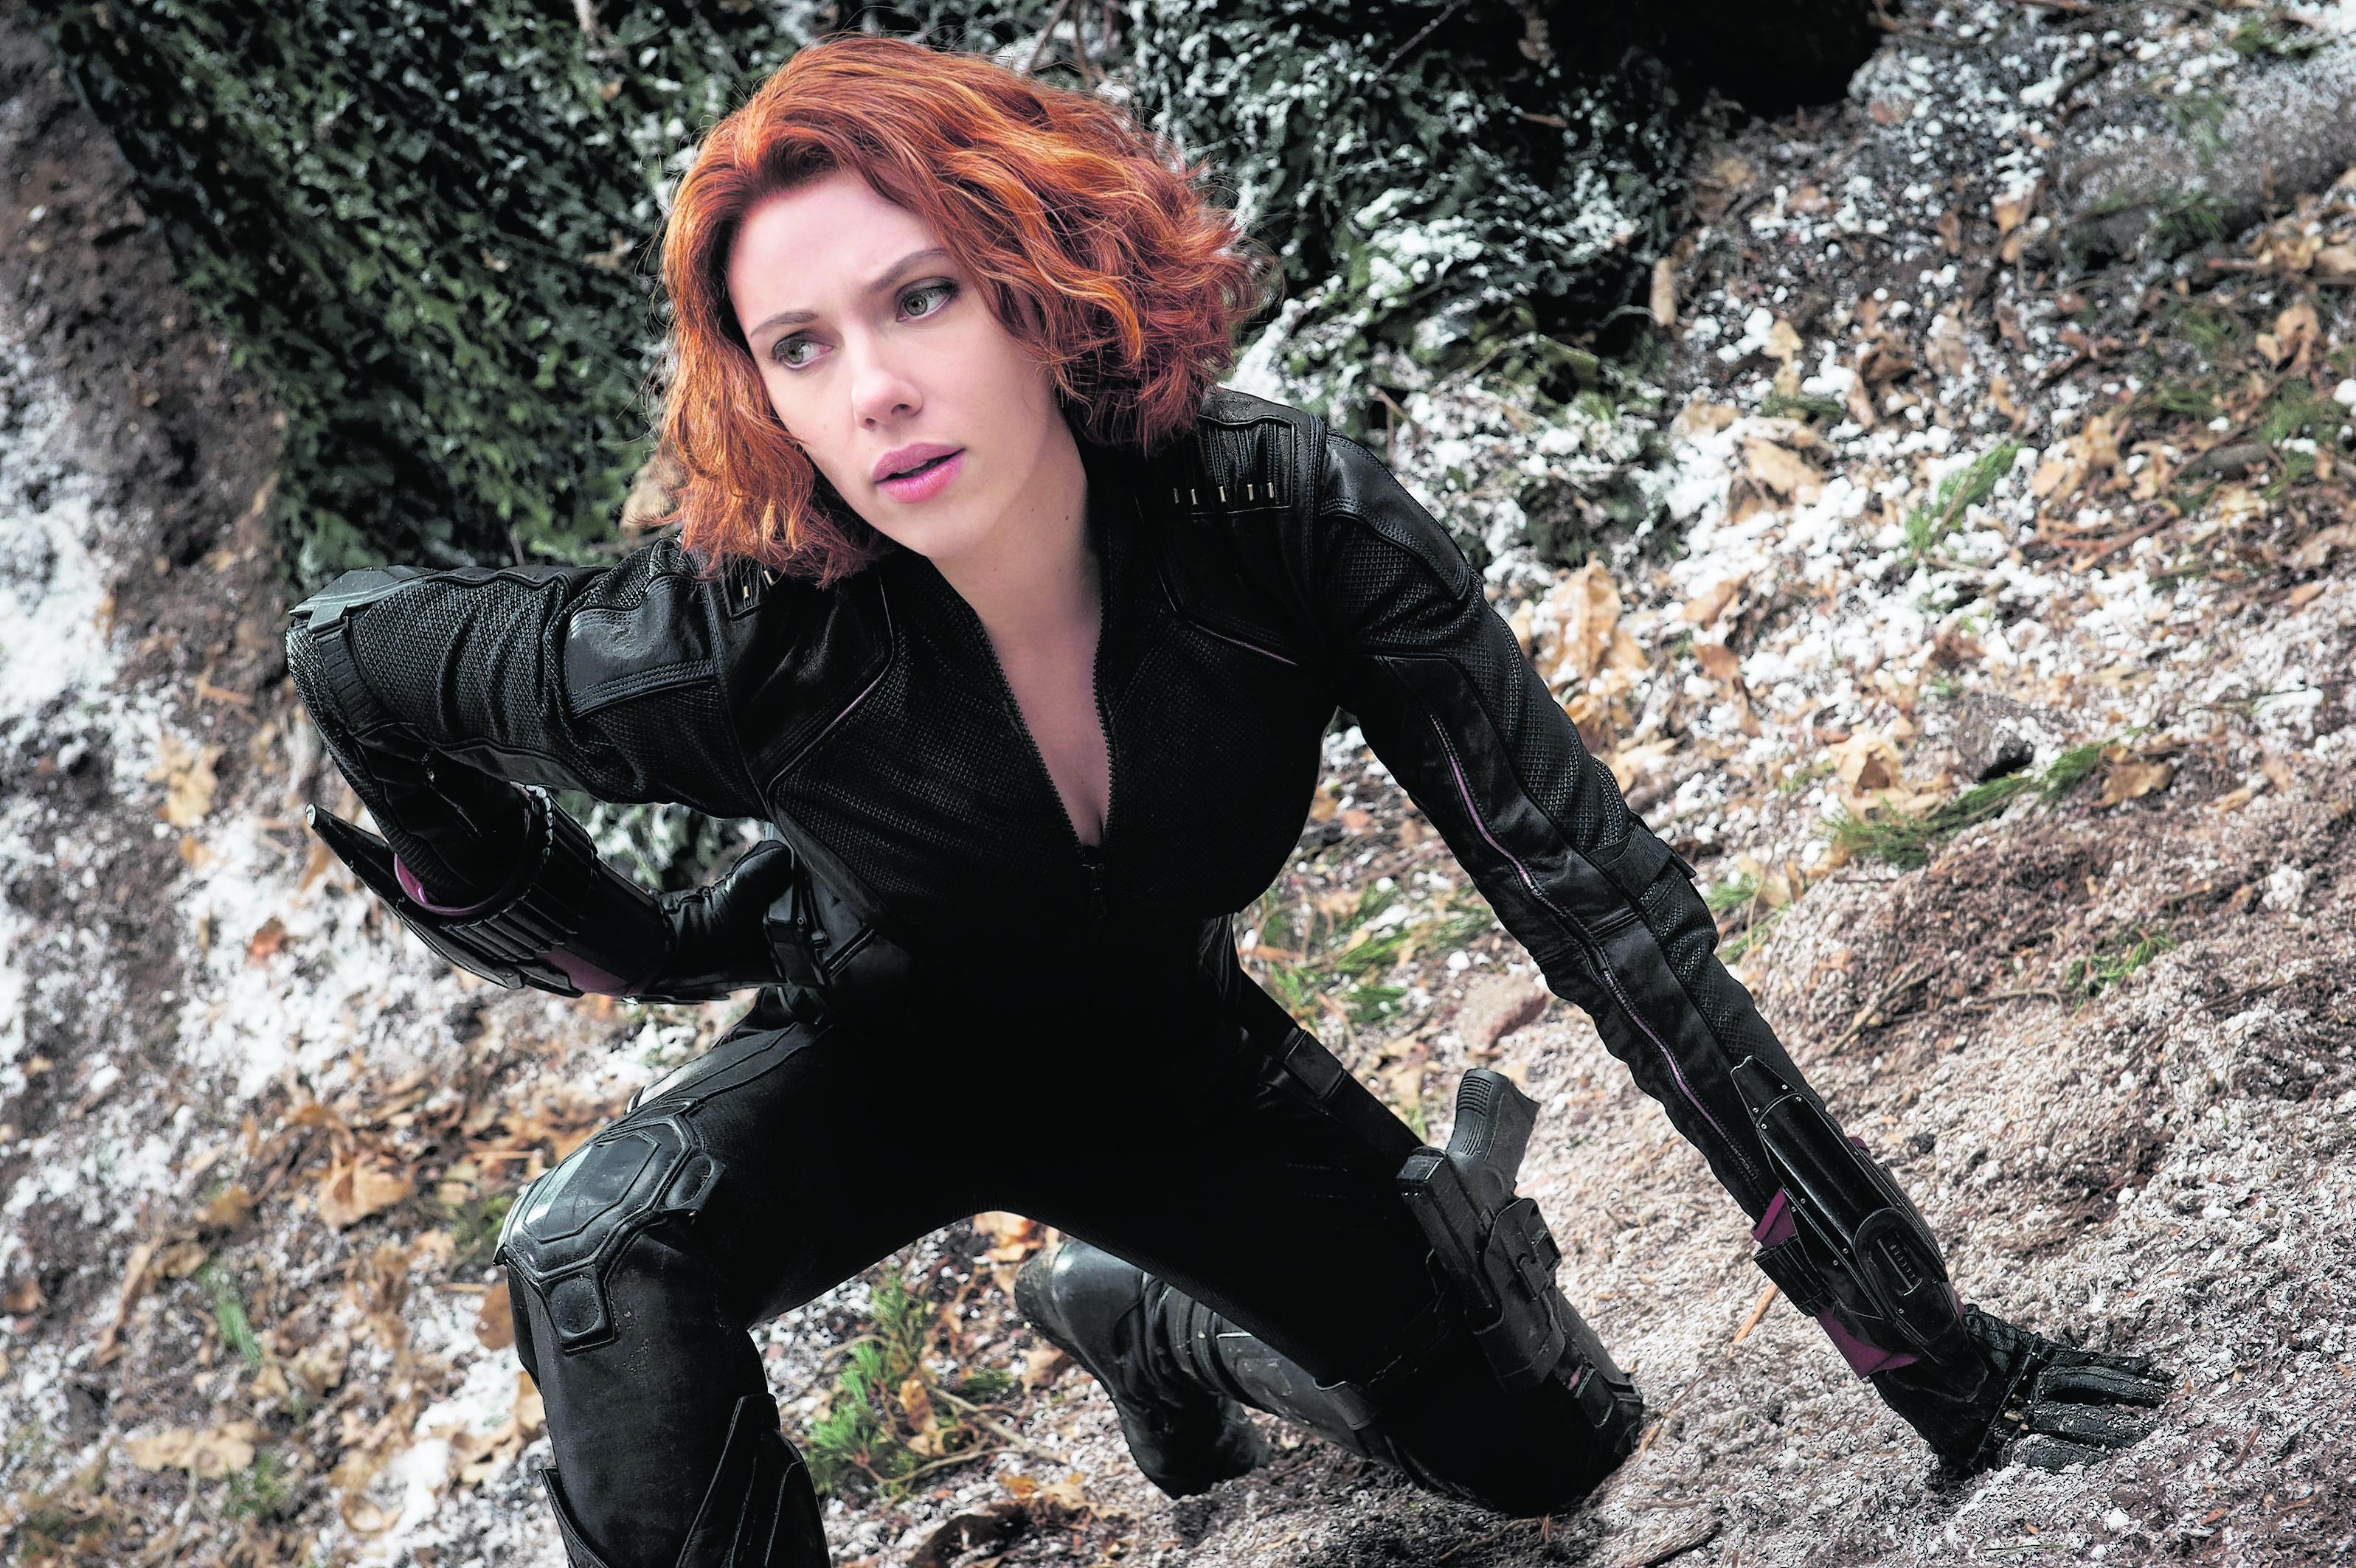 Scarlett Johansson as Black Widow in Avengers: Age Of Ultron